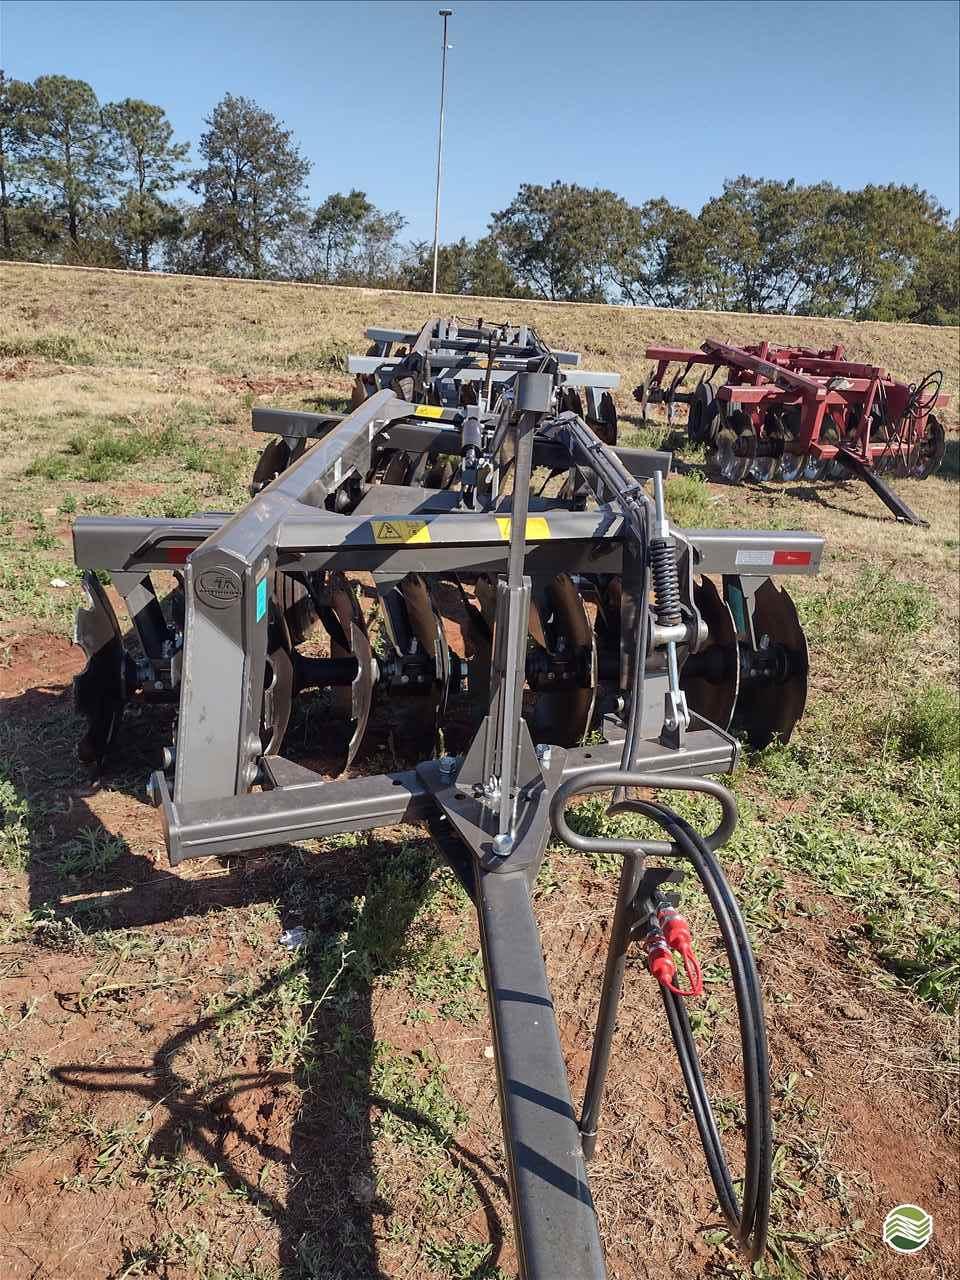 IMPLEMENTOS AGRICOLAS GRADE INTERMEDIÁRIA INTERMEDIÁRIA 20 DISCOS Precilo Máquinas PONTA PORA MATO GROSSO DO SUL MS